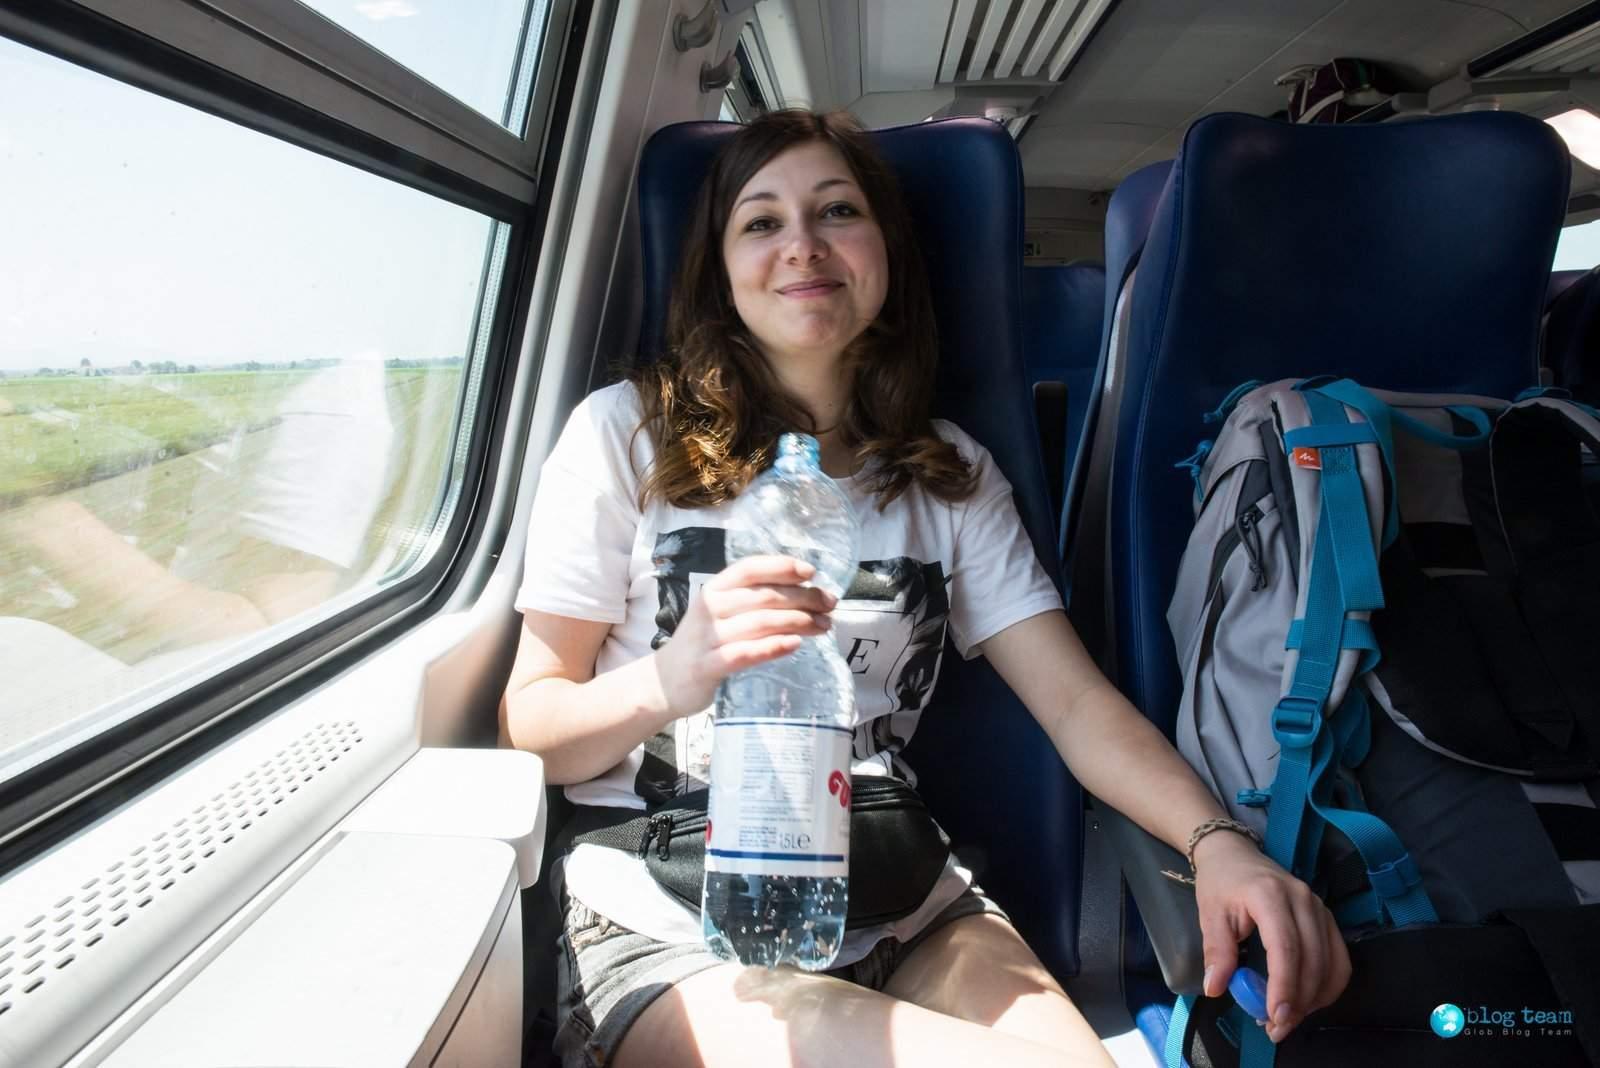 Pociągi we Włoszech - 2 klasa RV